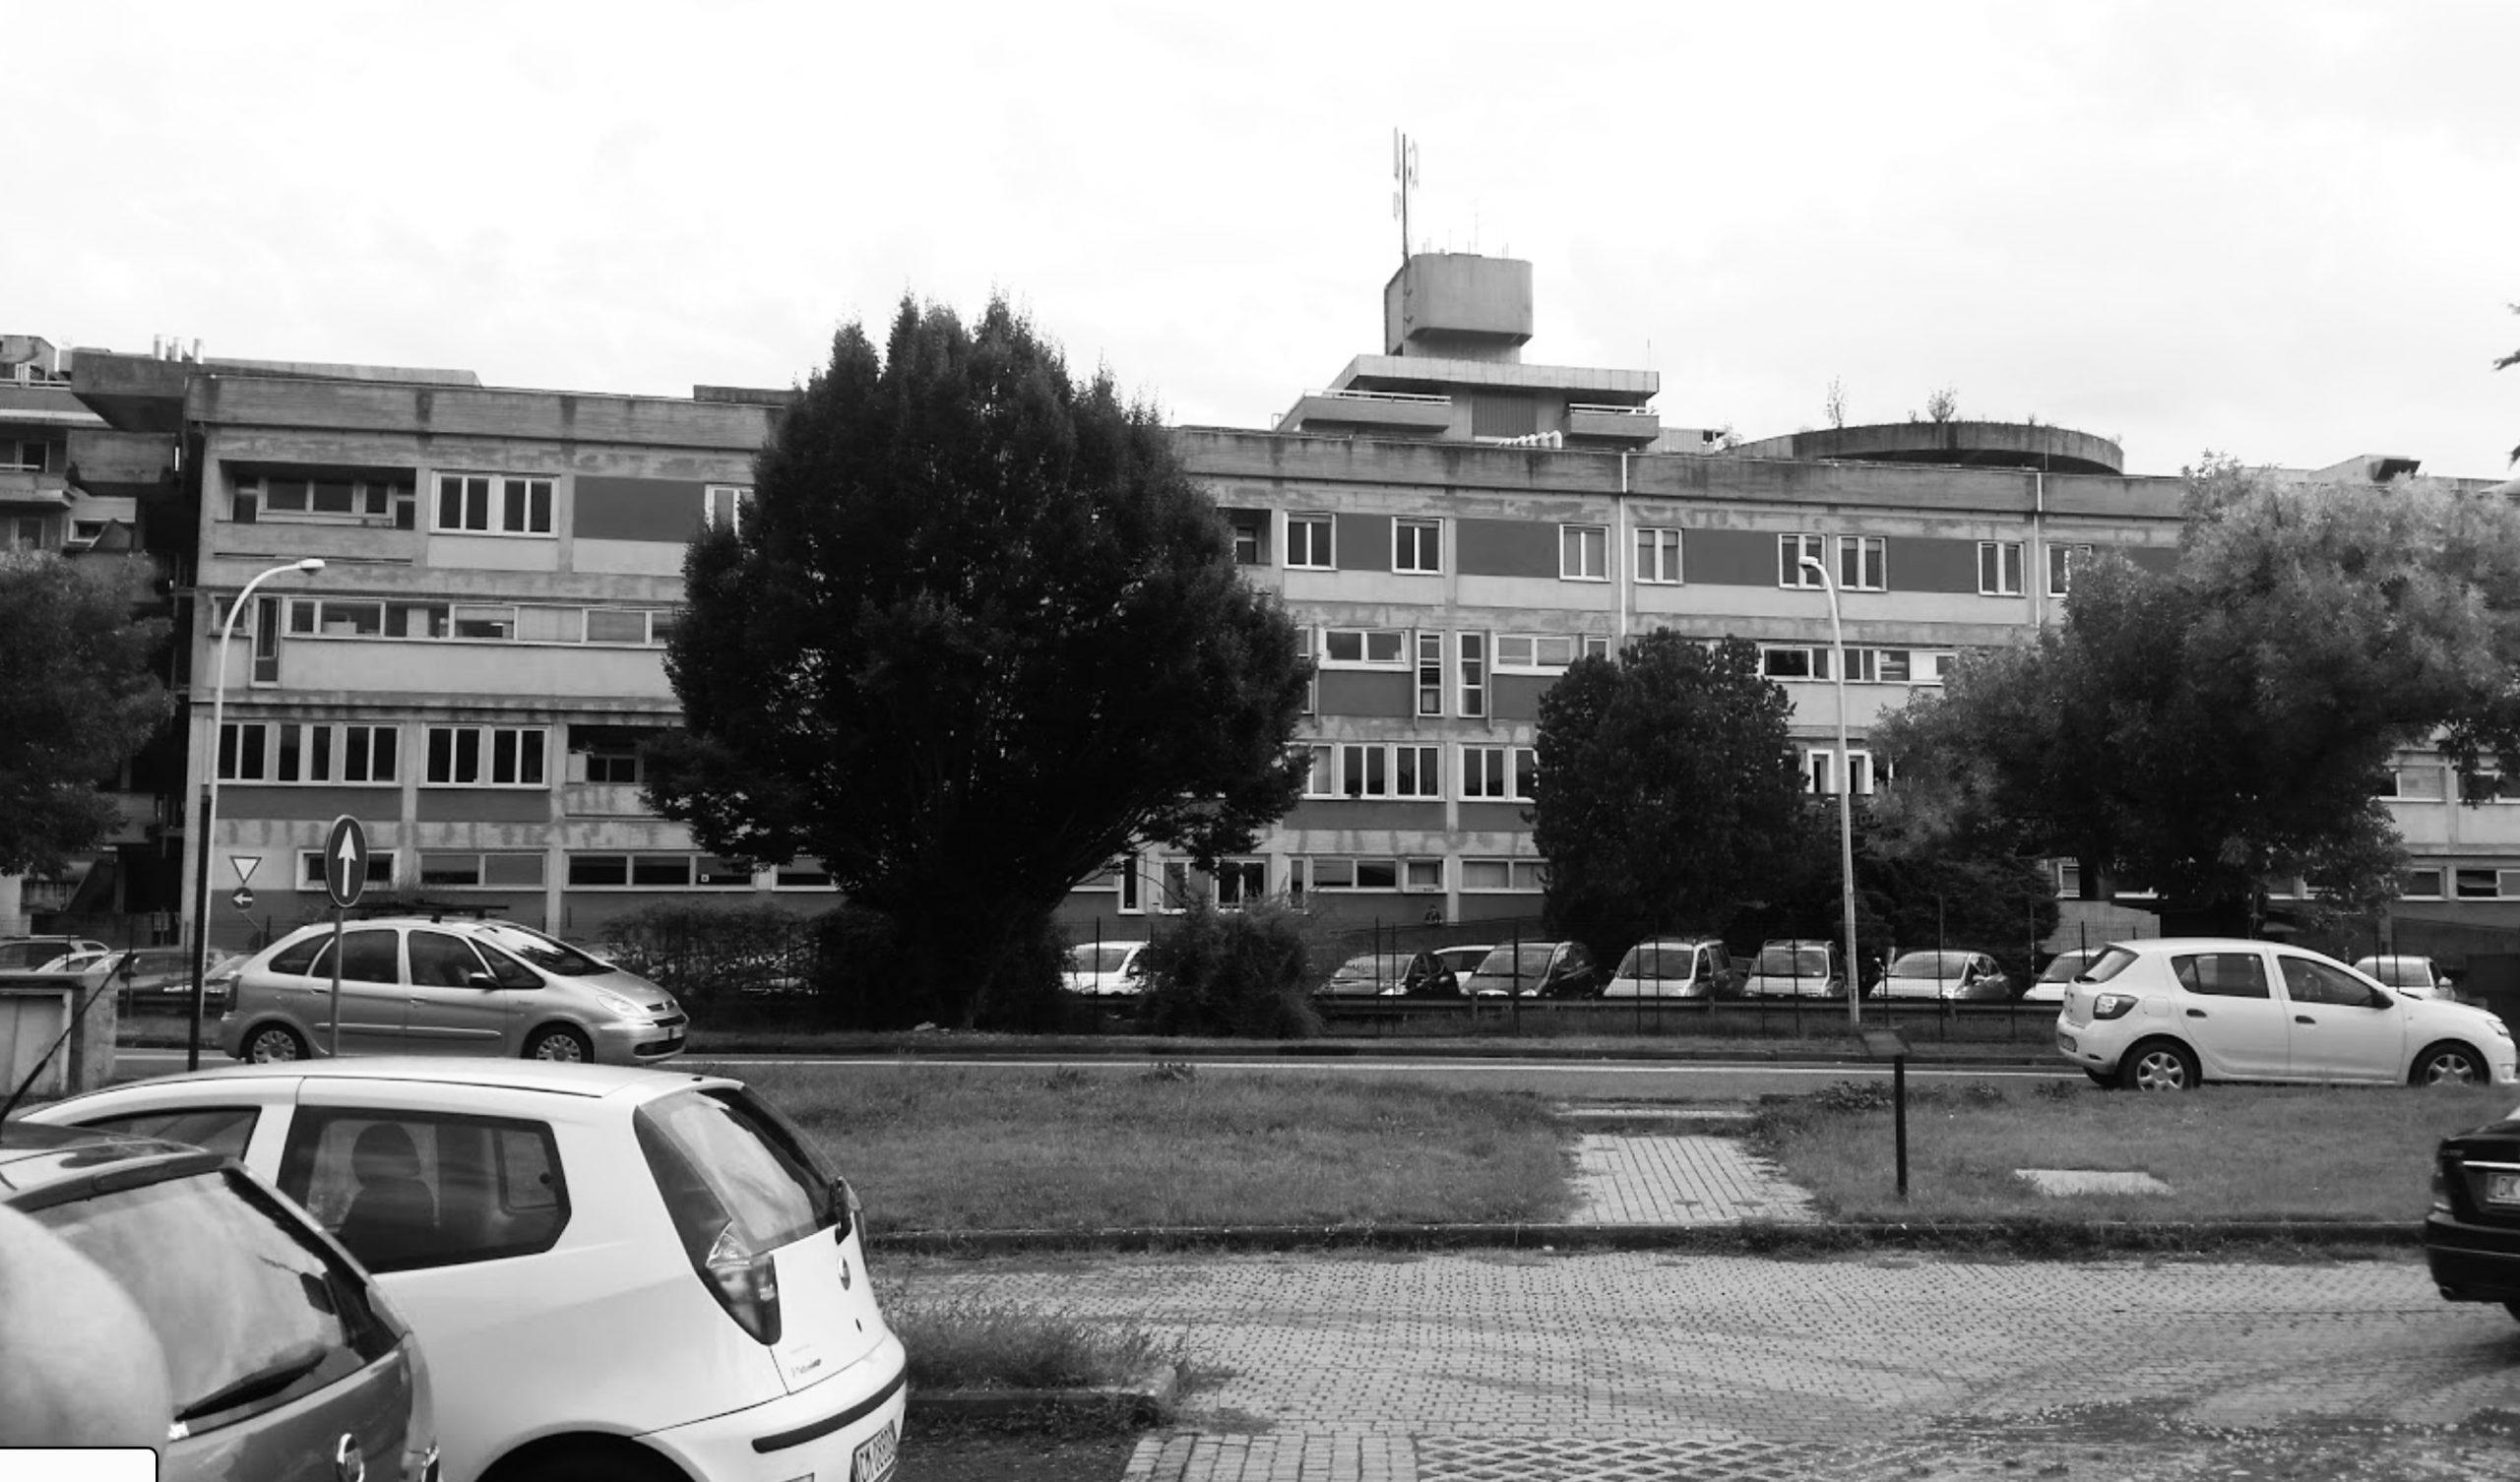 Crolla un ascensore all'ospedale Santa Maria Annunziata, in corso gli accertamenti tecnici